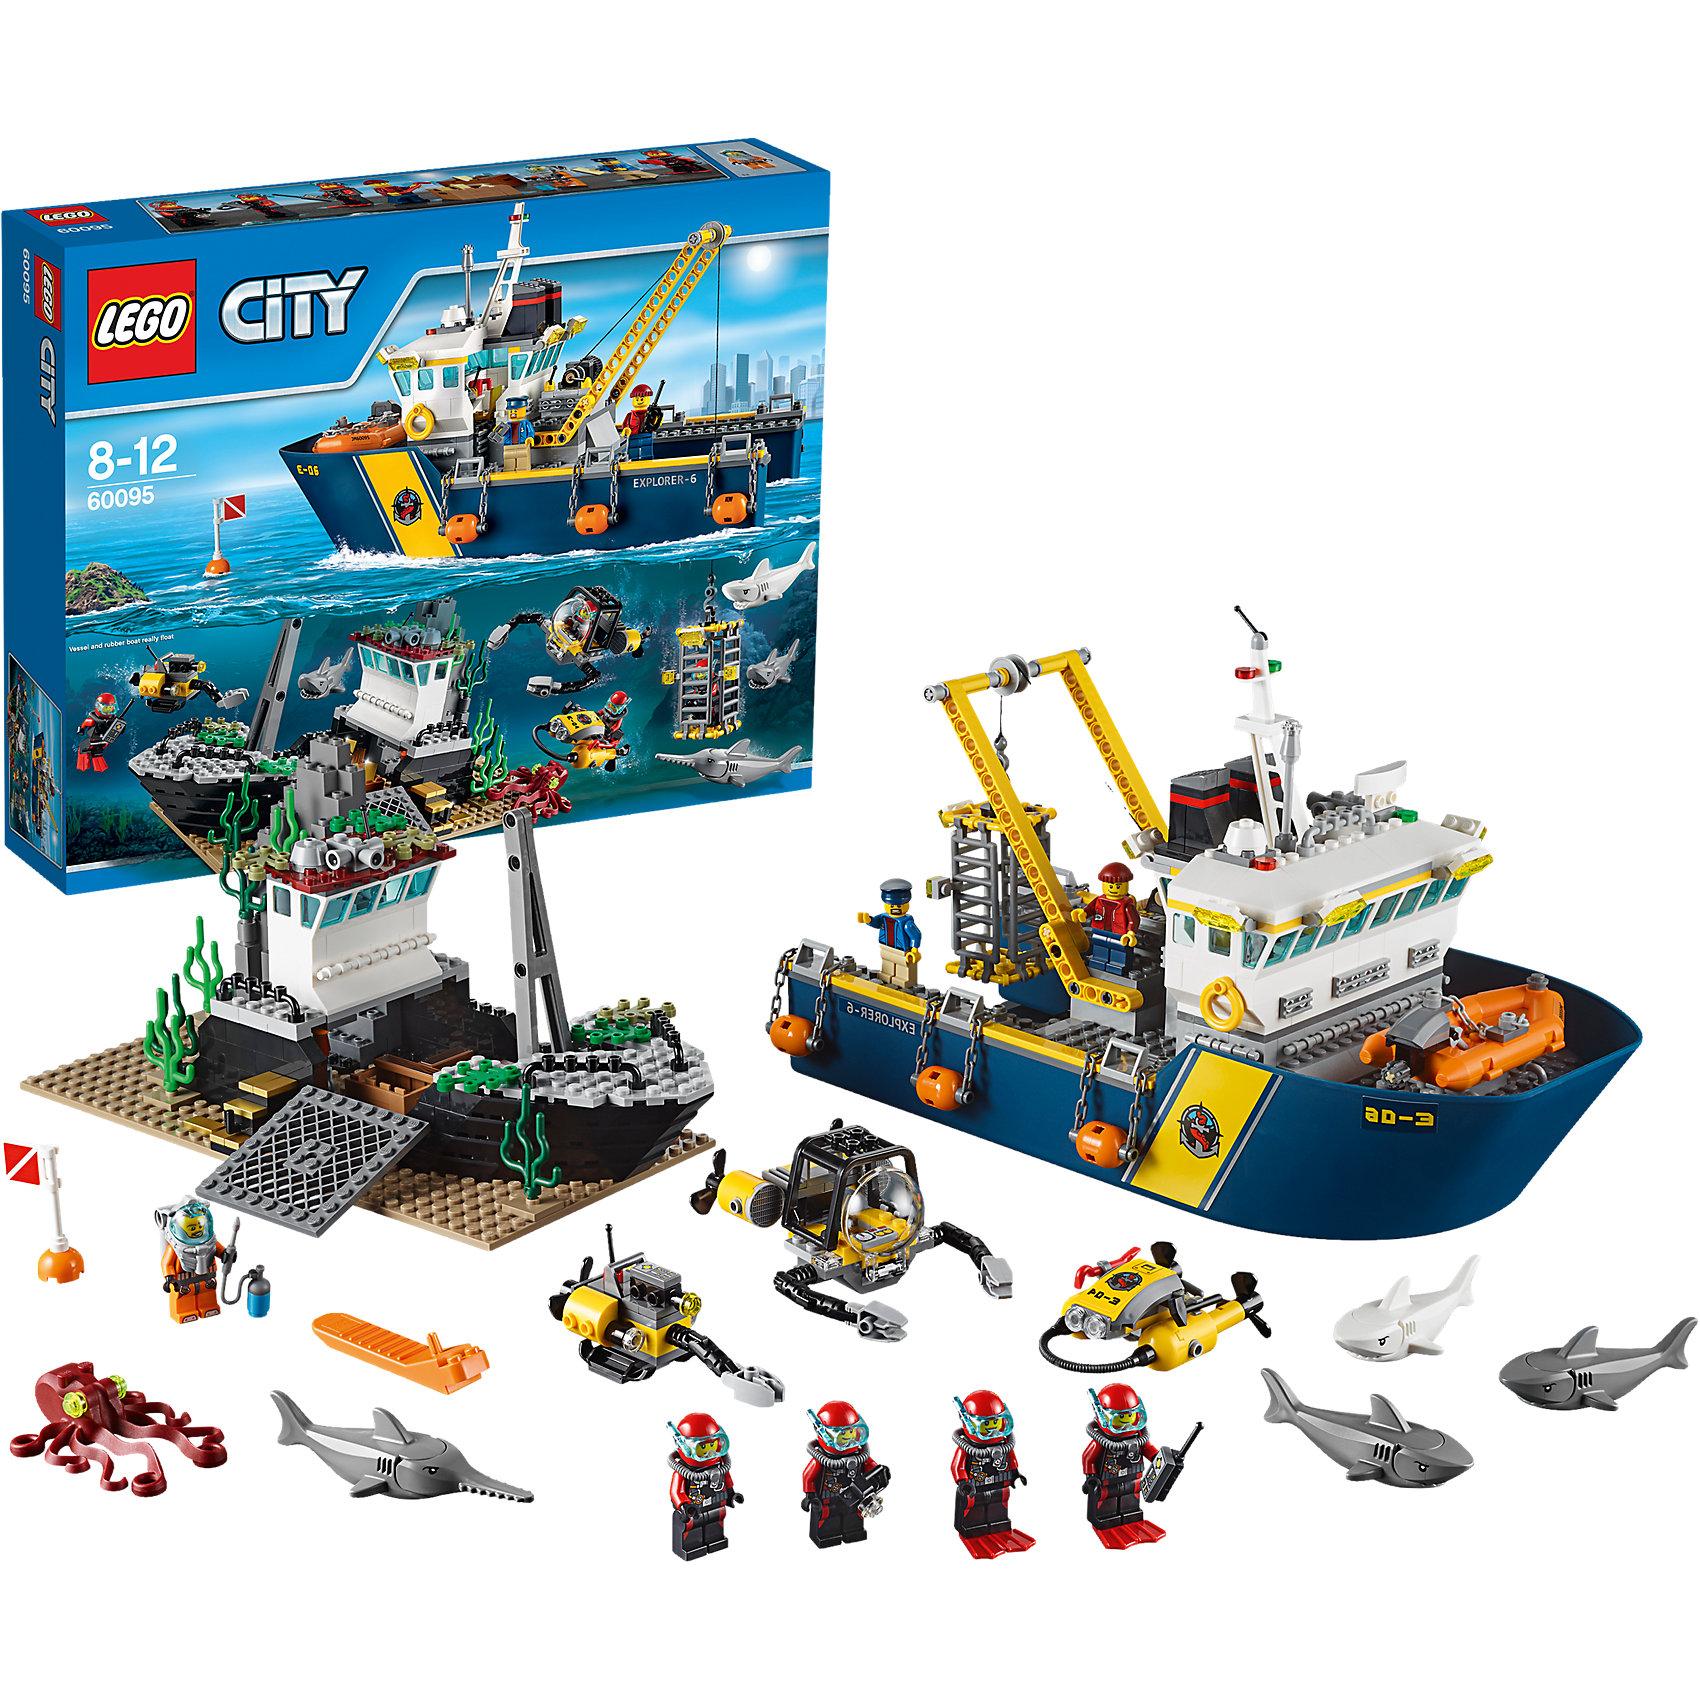 LEGO City 60095: Корабль исследователей морских глубинПластмассовые конструкторы<br>Замечательная новинка 2015 года от LEGO City (ЛЕГО Сити) 60095: Корабль исследователей морских глубин. Это масштабный набор, позволяющий создать целый удивительный мир, в котором обязательно будут случаться захватывающие морские приключения. В море найдены обломки затонувшего корабля. Находка заинтересовала ученых: лучшие аквалангисты исследуют судно день и ночь. На затонувших судах частенько находятся сокровища: но когда заветные сундуки найдены, действовать нужно очень быстро. Ведь в море полно хищников, которые только и ждут подходящего момента, чтобы напасть на свою добычу. С помощью набора LEGO City (ЛЕГО Сити) Вы сможете собрать суперсовременный корабль, на котором есть все необходимое для исследований морского дна и рискованных миссий. При необходимости аквалангисты могут воспользоваться скоростной лодкой и подводным скутером. Море кишит хищниками, поэтому приблизиться к кладу можно только в специальной клетке, которая тоже есть на борту. Для выполнения опасных операций собрана прекрасная команда: ныряльщик, четыре аквалангиста и два моряка. Они быстро и ответственно выполняют работу и готовы к любым неожиданностям, которые ожидают их в опасной экспедиции.<br><br>В необычном городе LEGO City непременно найдется место и строгим полицейским, и доброжелательным местным жителям, и заботливым работникам скорой помощи, а также всевозможным животным и красивым цветам и растениям. Используя детали из серии LEGO City (ЛЕГО Сити) можно создать практически любой сюжет городской жизни мегаполиса. Подсерия LEGO City (ЛЕГО Сити) Дайвинг включает в себя наборы, посвященные подводным приключениям. Каждый набор позволяет собрать интересную модель, а также предлагает игровые минифигурки и тематические аксессуары.<br><br>Дополнительная информация:<br><br>- Конструкторы LEGO City (ЛЕГО Сити) развивают тактильные ощущения и помогают ребенку познавать строение мира;<br>- Количество деталей: 717 шт;